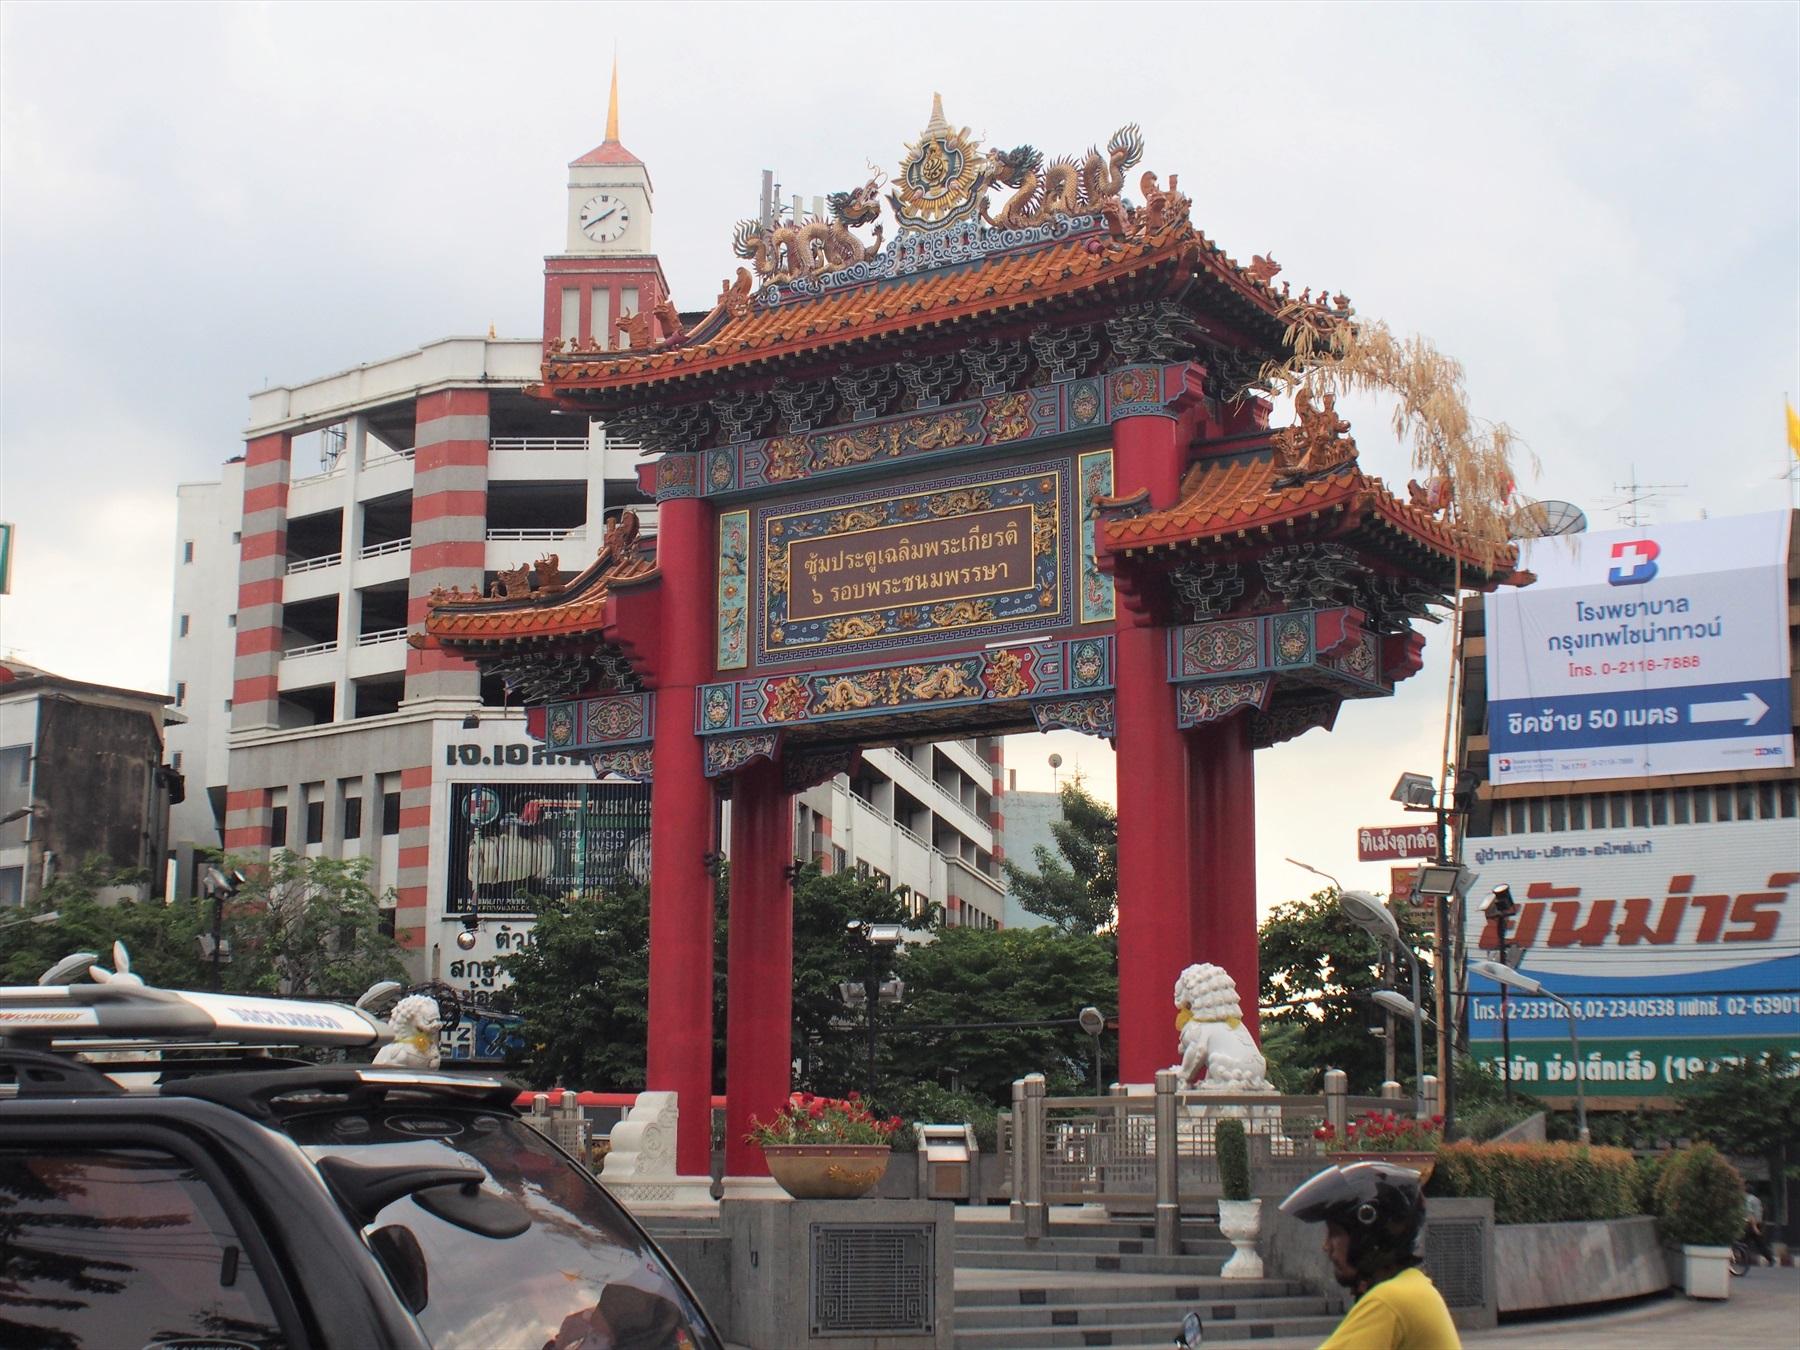 もうすぐなくなってしまうかもしれない?タイ・バンコクの中華街「ヤワラー」散策のススメ